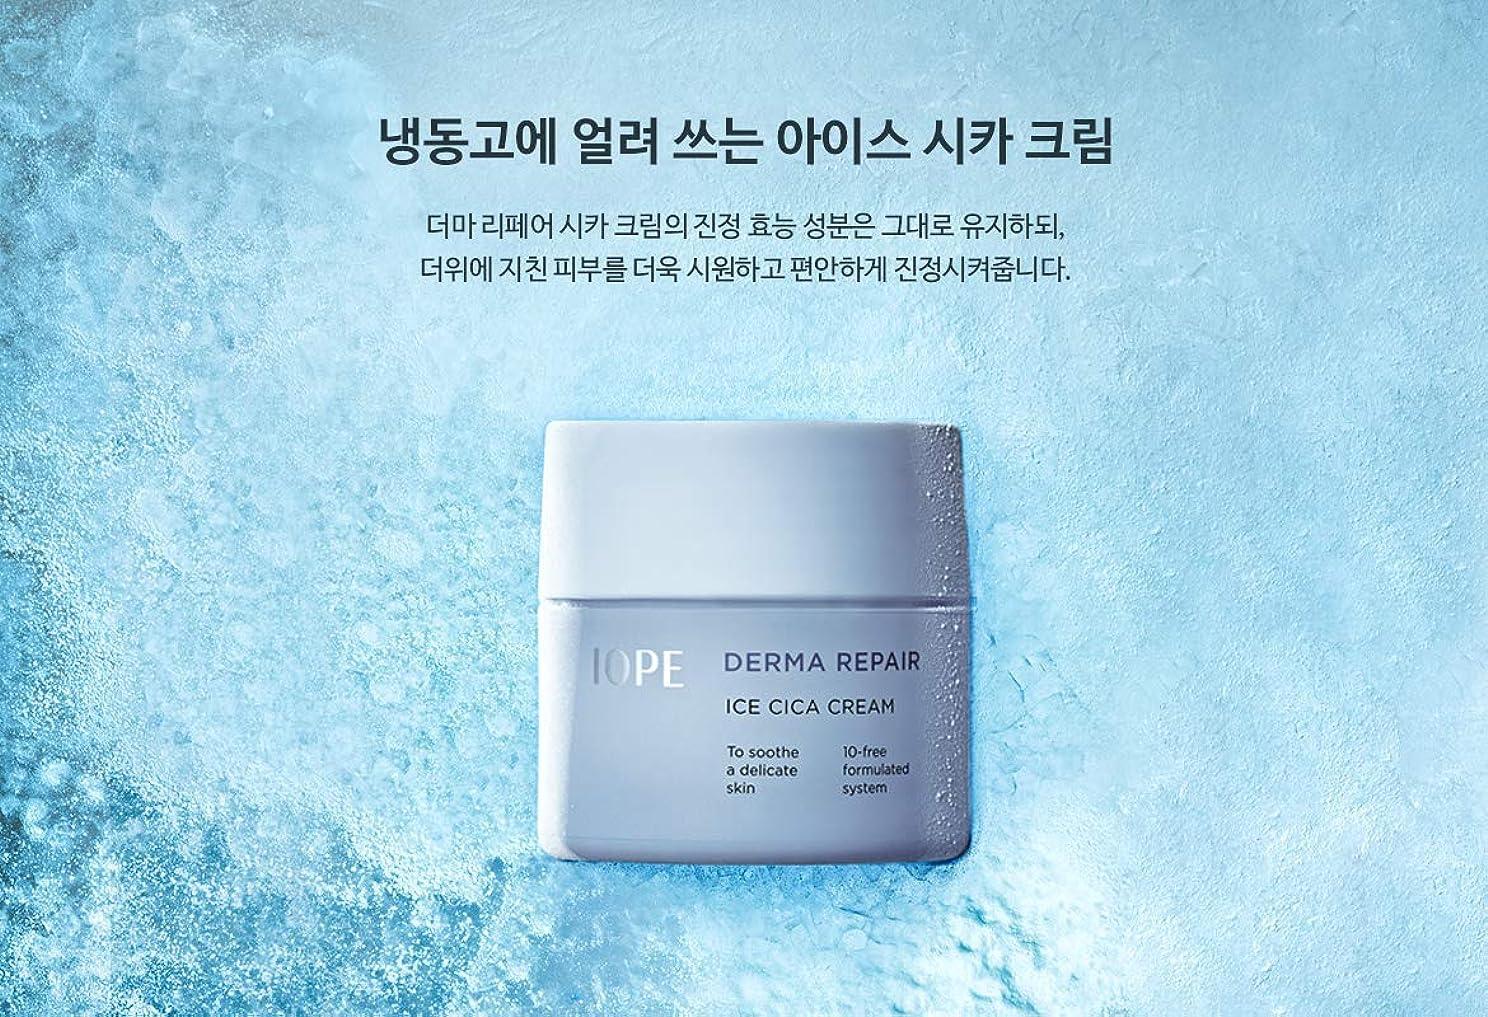 子孫騒ぎ容器【アイオペ.iope](公式)ダーマリペアアイスシカクリーム(50ml)(2019.05新発売)/ iope derma repair ice cica cream(50ml、2019.05 new)